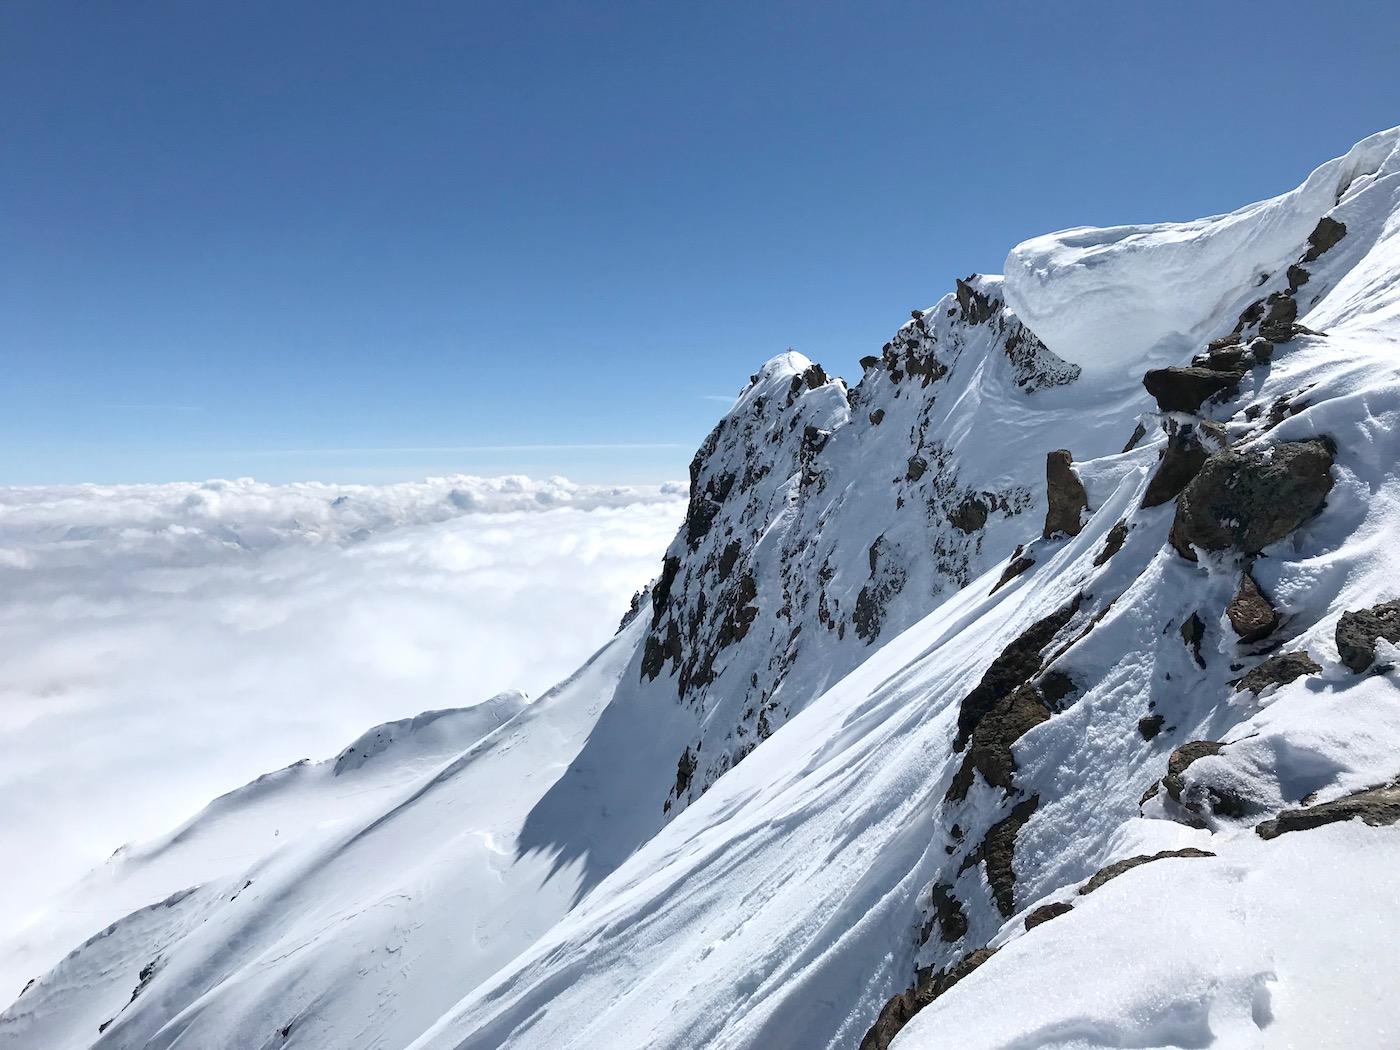 Gipfelzustieg bei Tiefennebel, Aglsspitze Pflerschtal